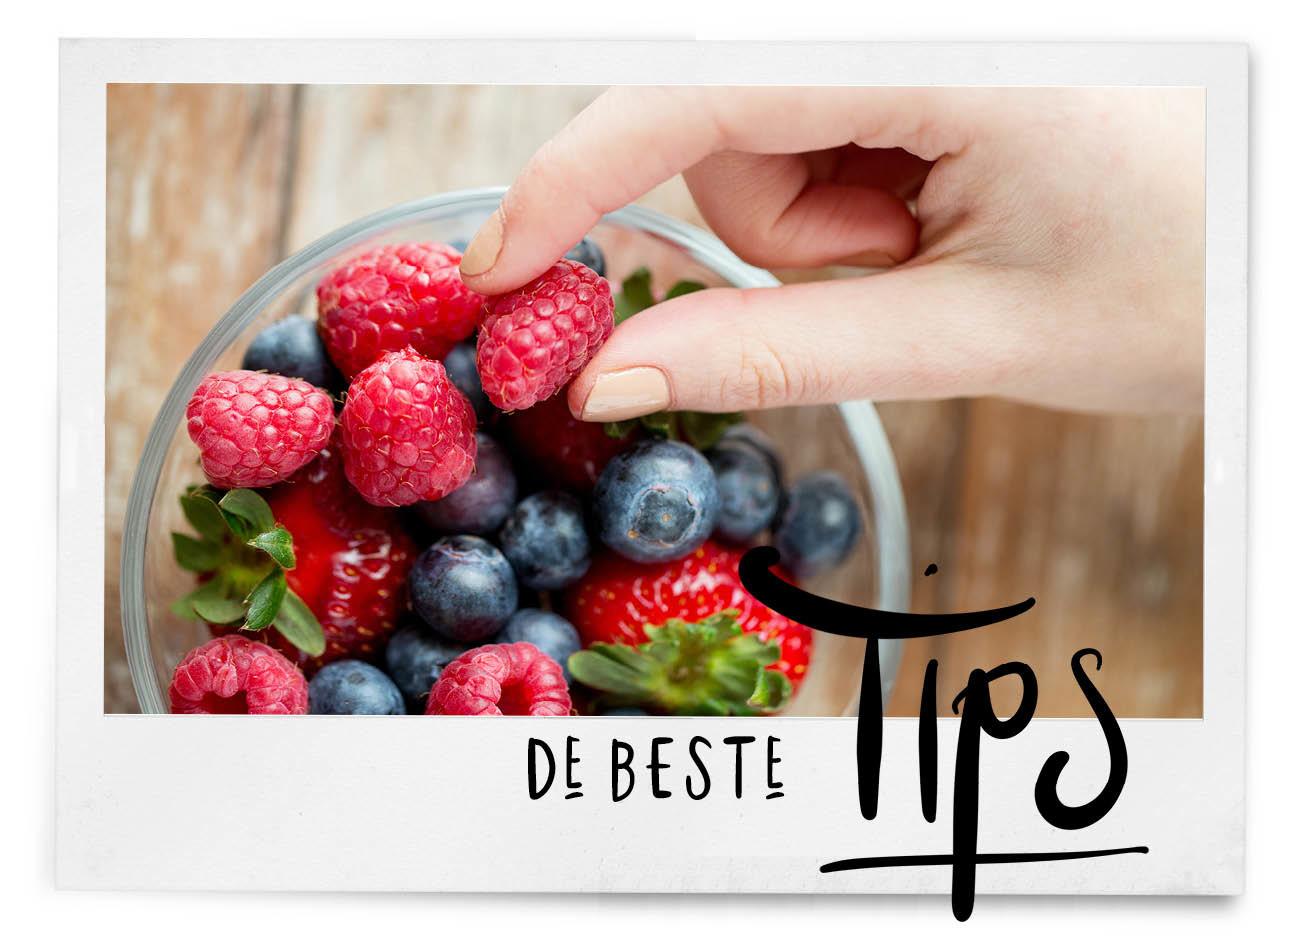 kommetje met blauwe bessen, aardbeien, frambozen, de beste tips